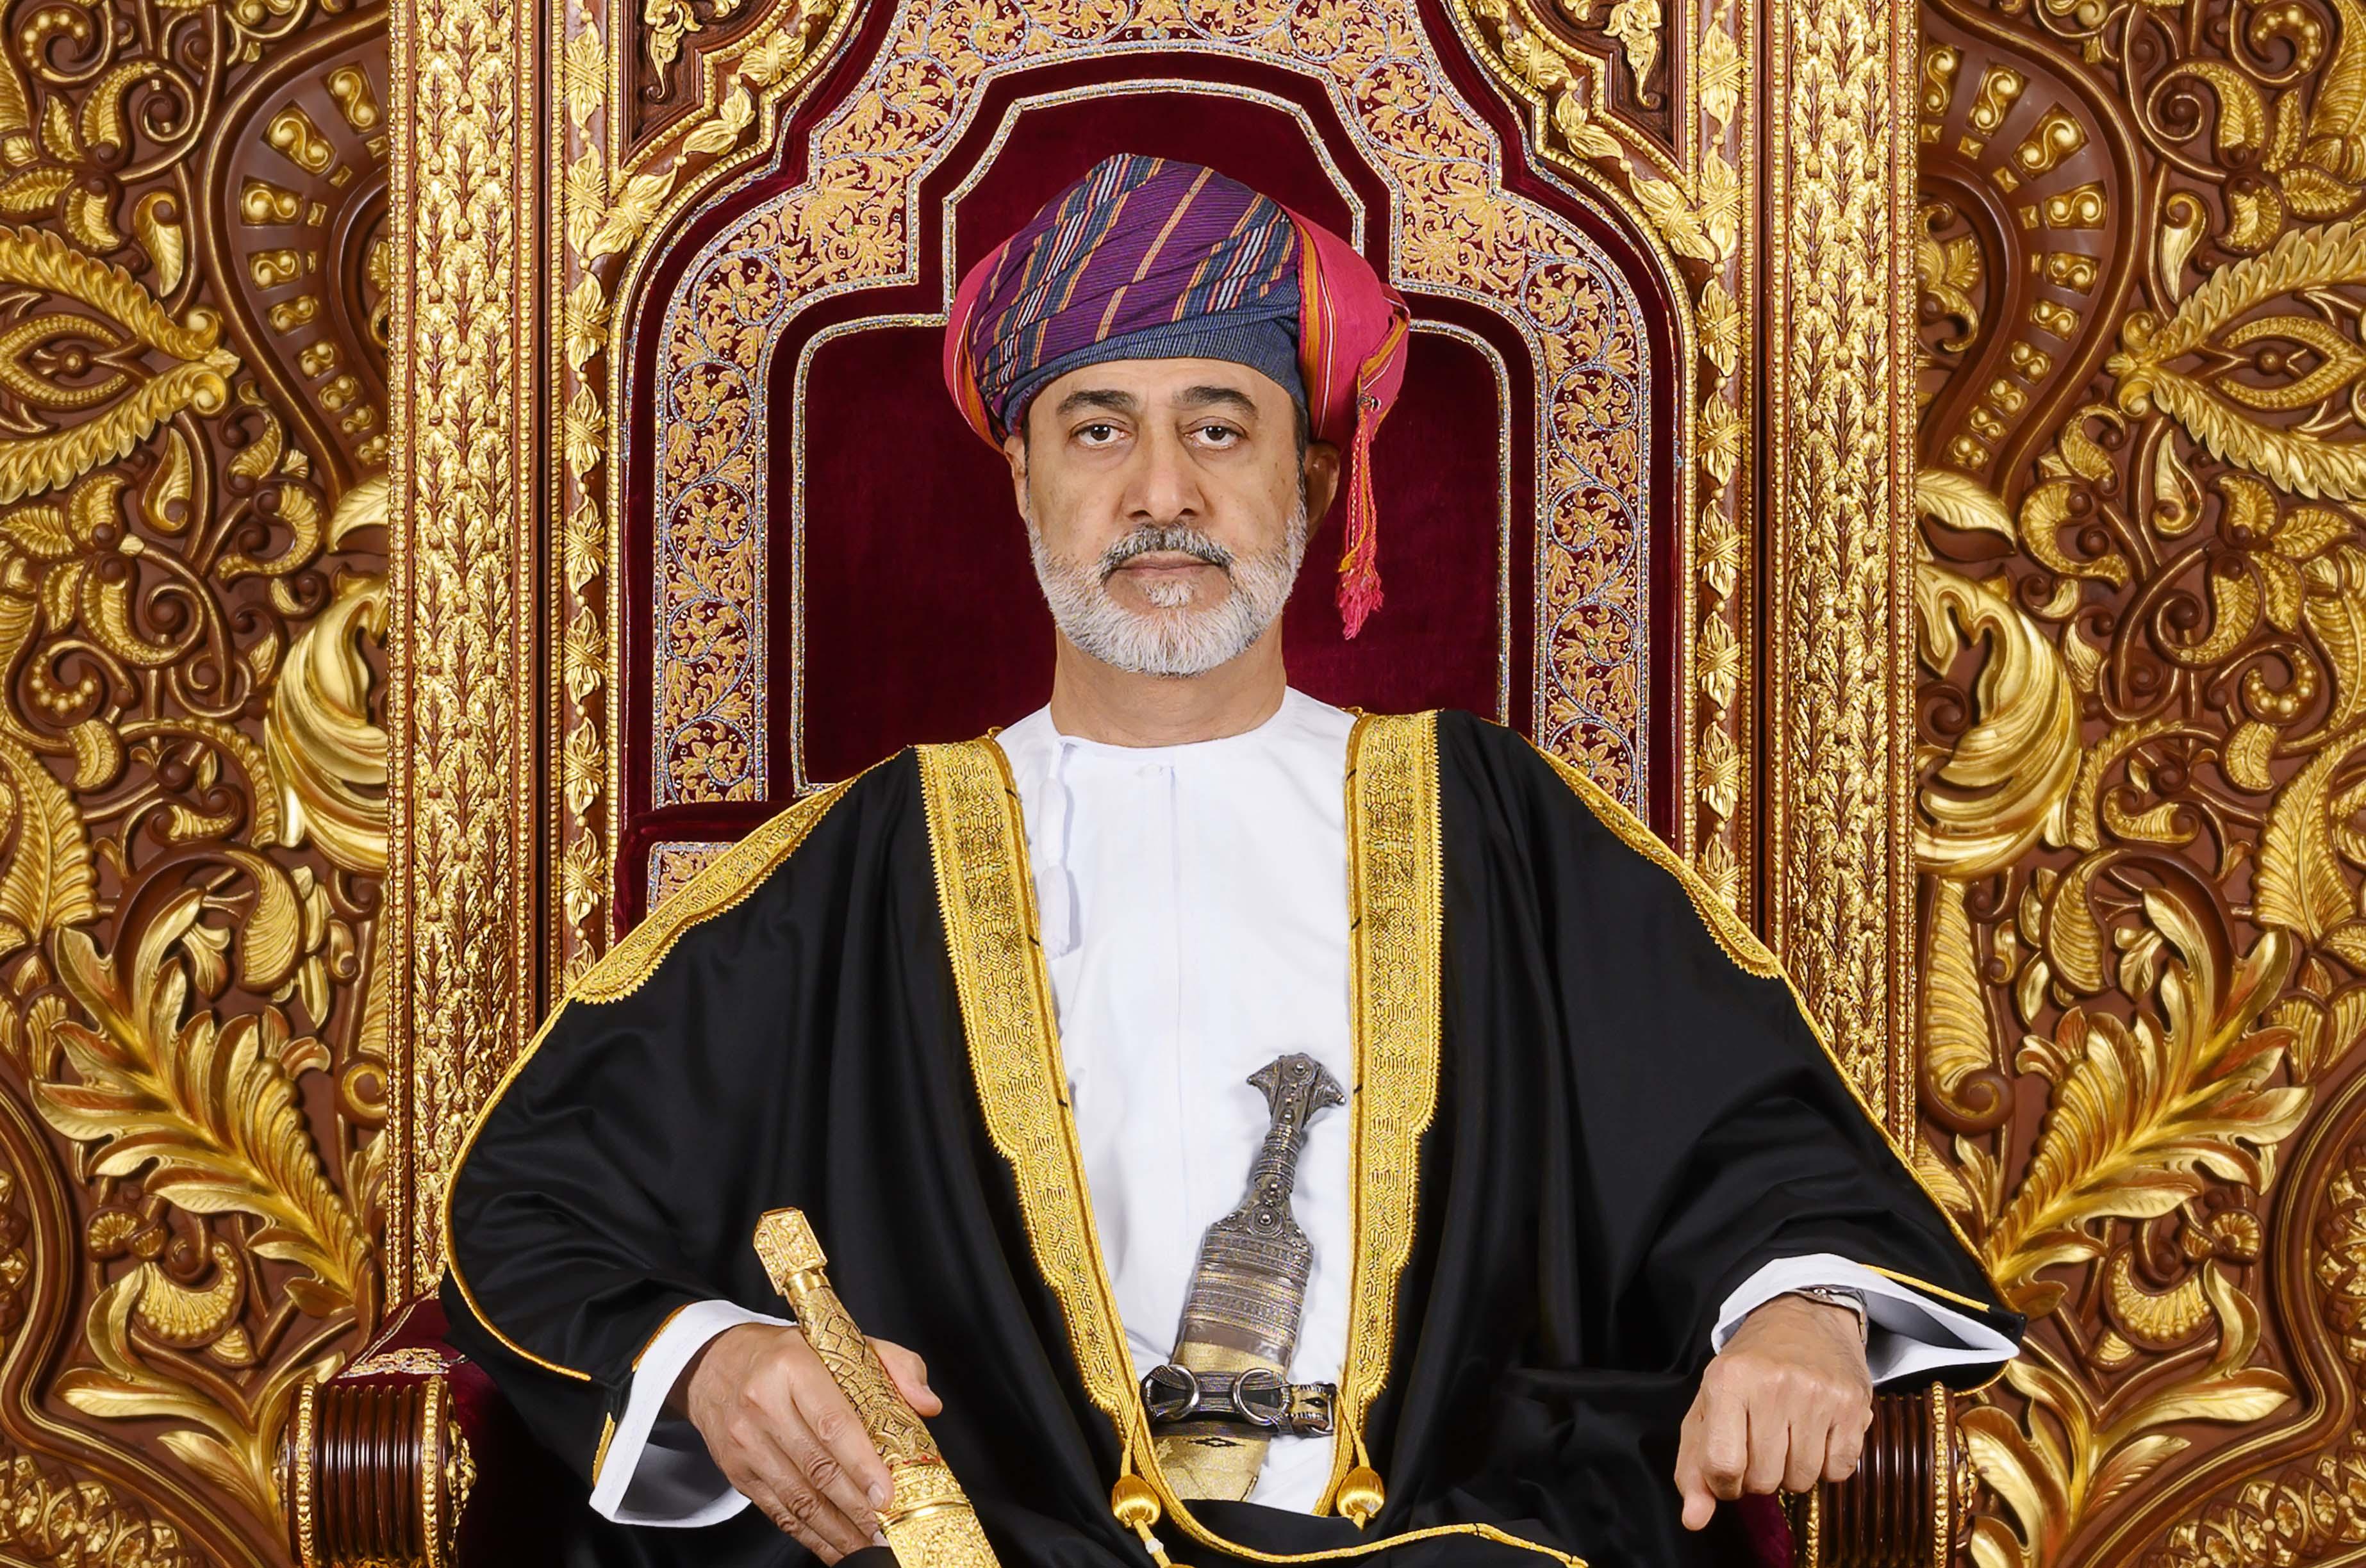 جلالة السلطان يهنئ رئيس جمهورية إندونيسيا بمناسبة ذكرى استقلال بلاده